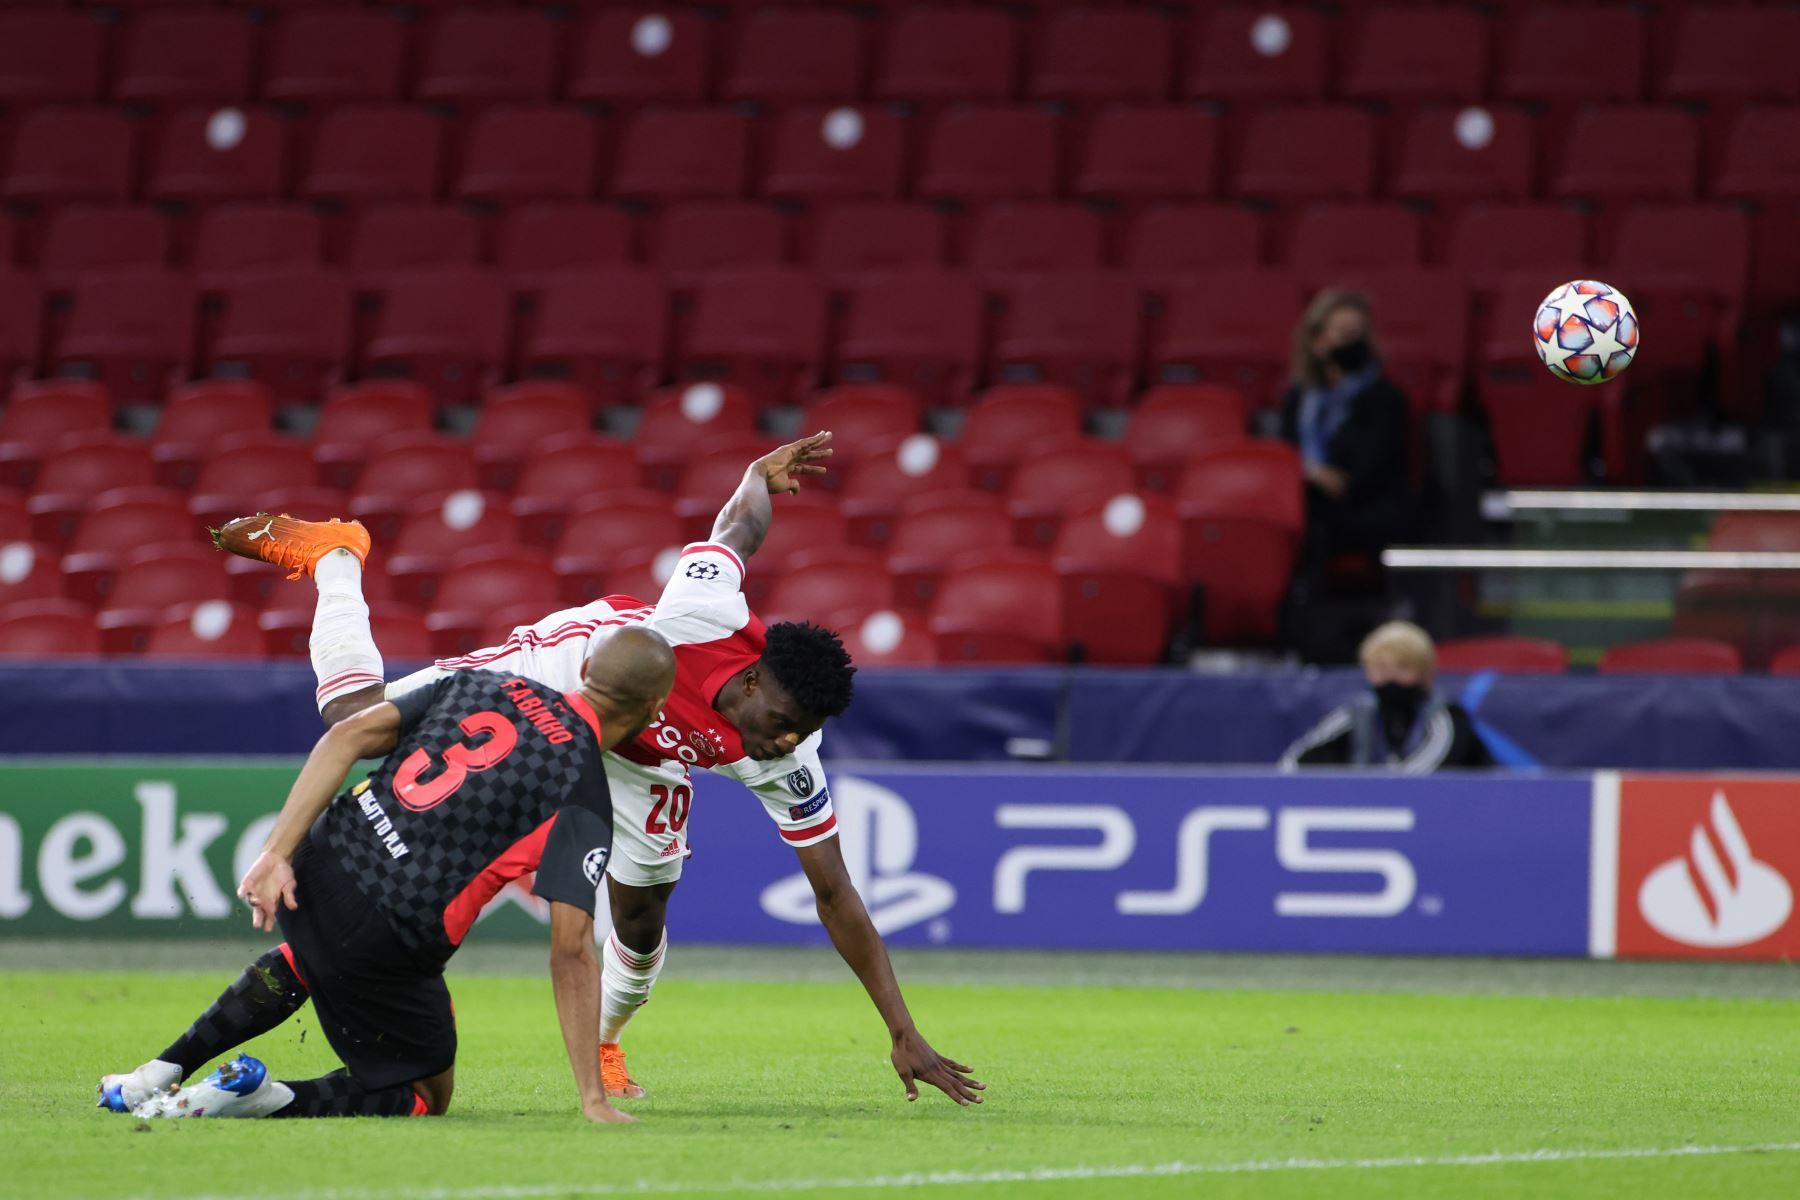 El mediocampista ghanés del Ajax, Mohammed Kudus  compite por el balón contra el mediocampista brasileño del Liverpool, Fabinho, durante el partido del Grupo D de la Liga de Campeones de la UEFA. Foto: AFP